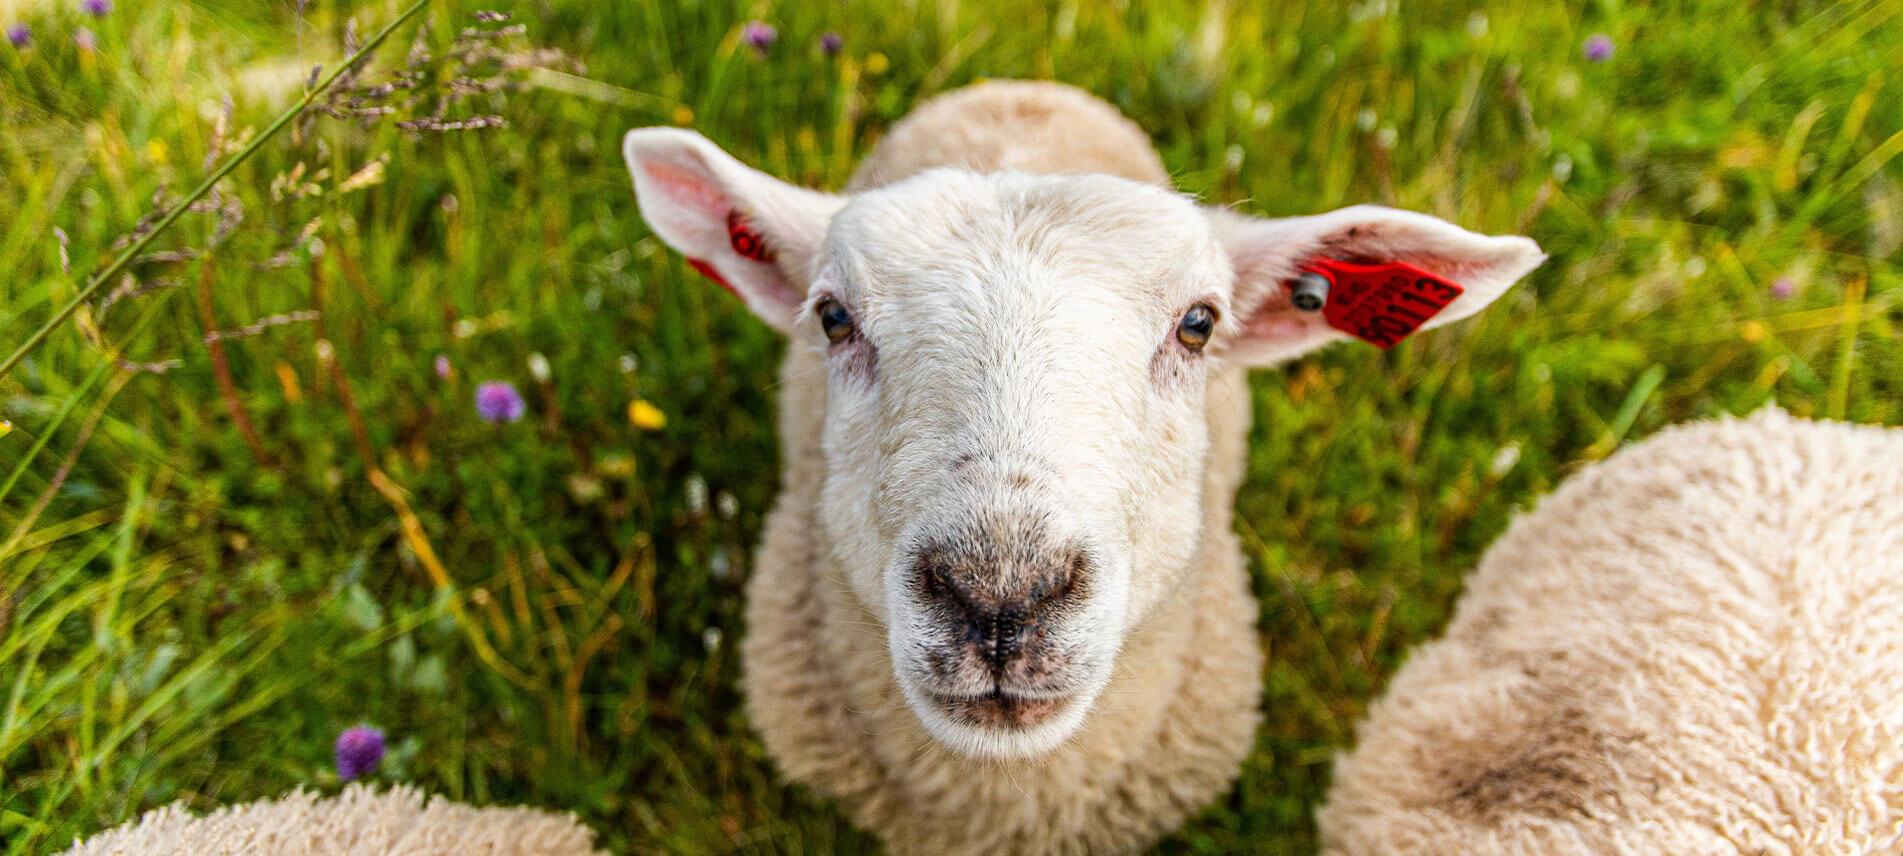 Gites de France - Le Tarn vous veut du bien avec les séjours à la ferme